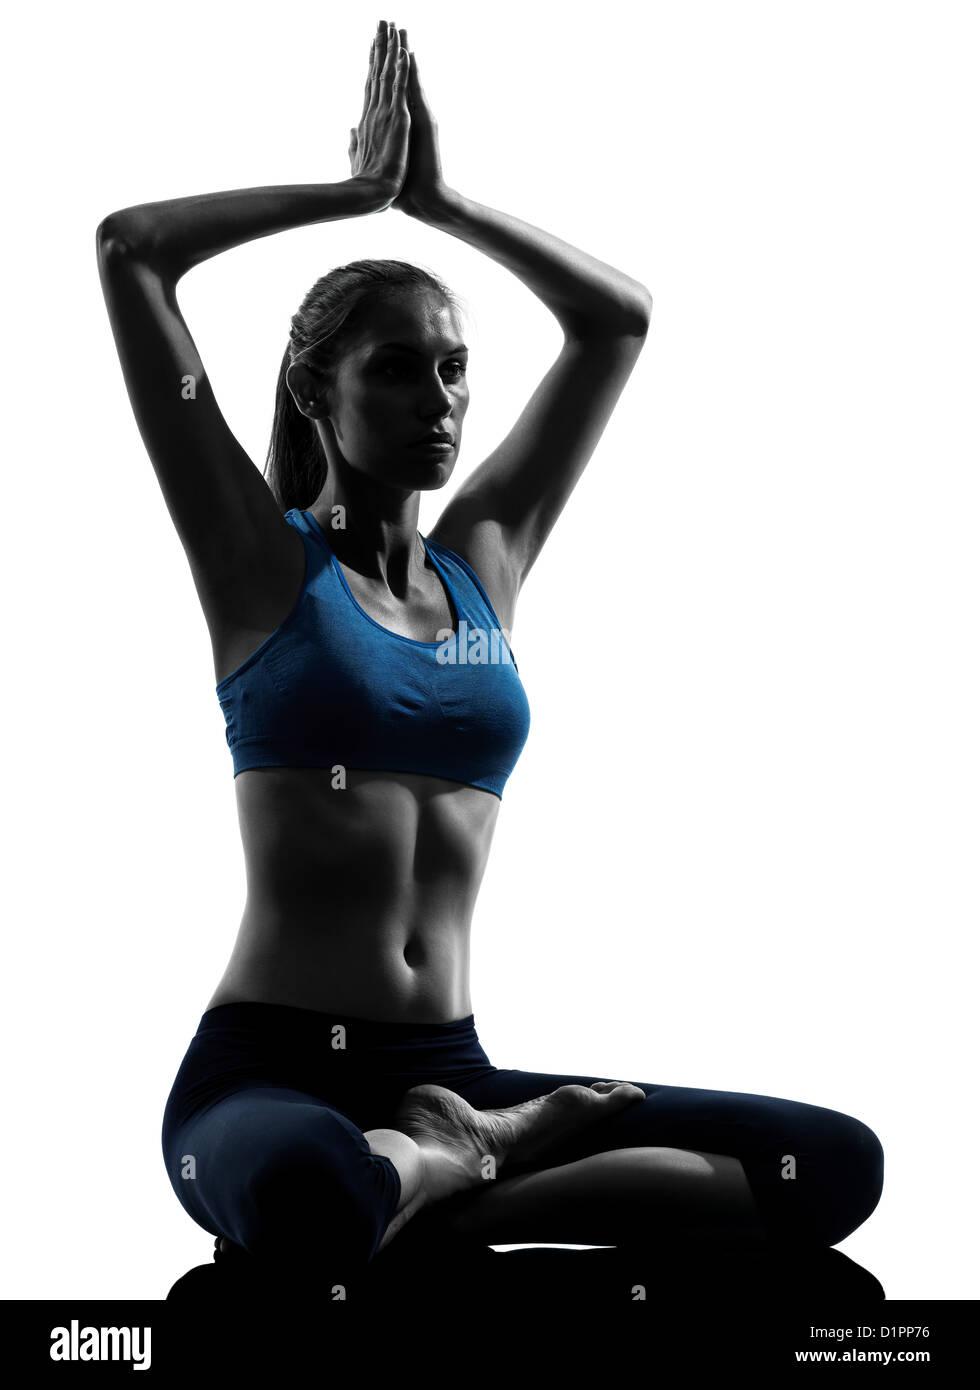 One Woman Exercising Yoga Sukhasana Easy Pose In Silhouette Studio Isolated On White Background - Stock Image